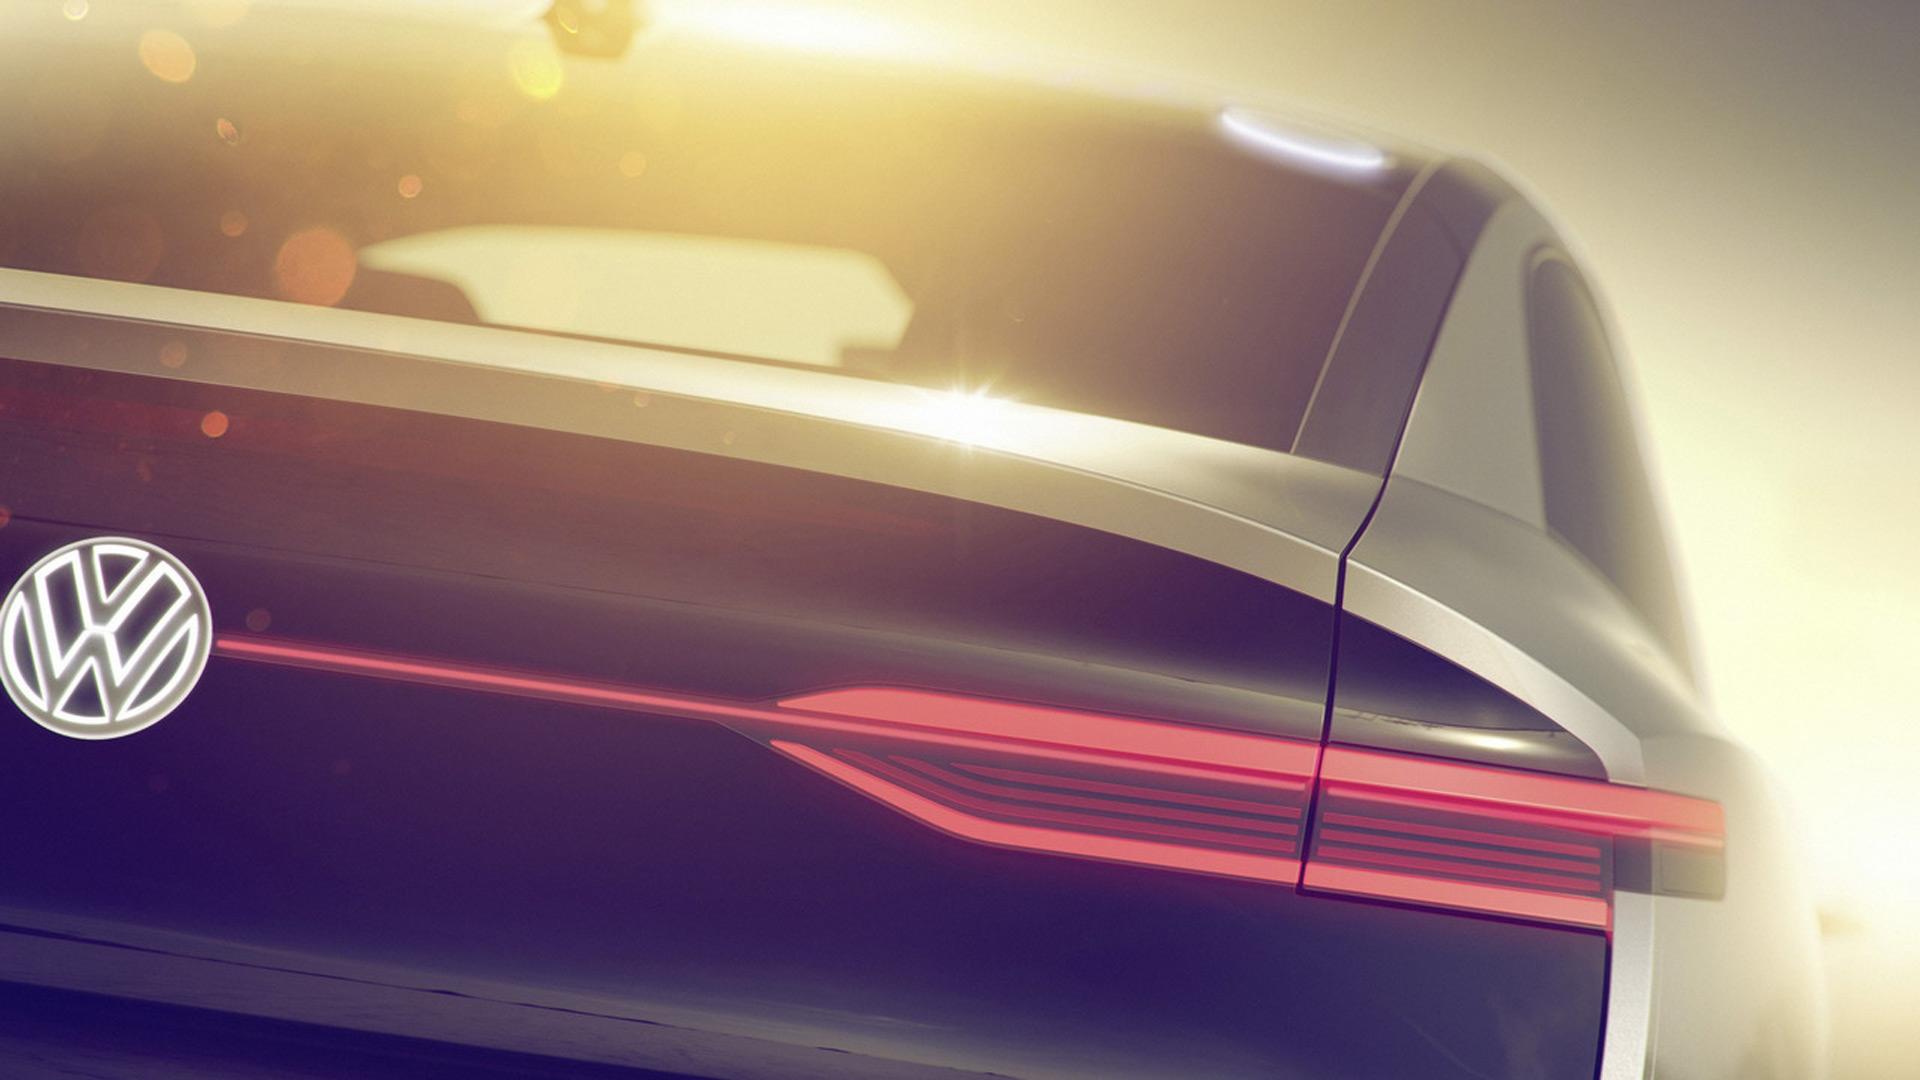 Volkswagen везет в Шанхай новое электрическое кросс-купе с автопилотом 2